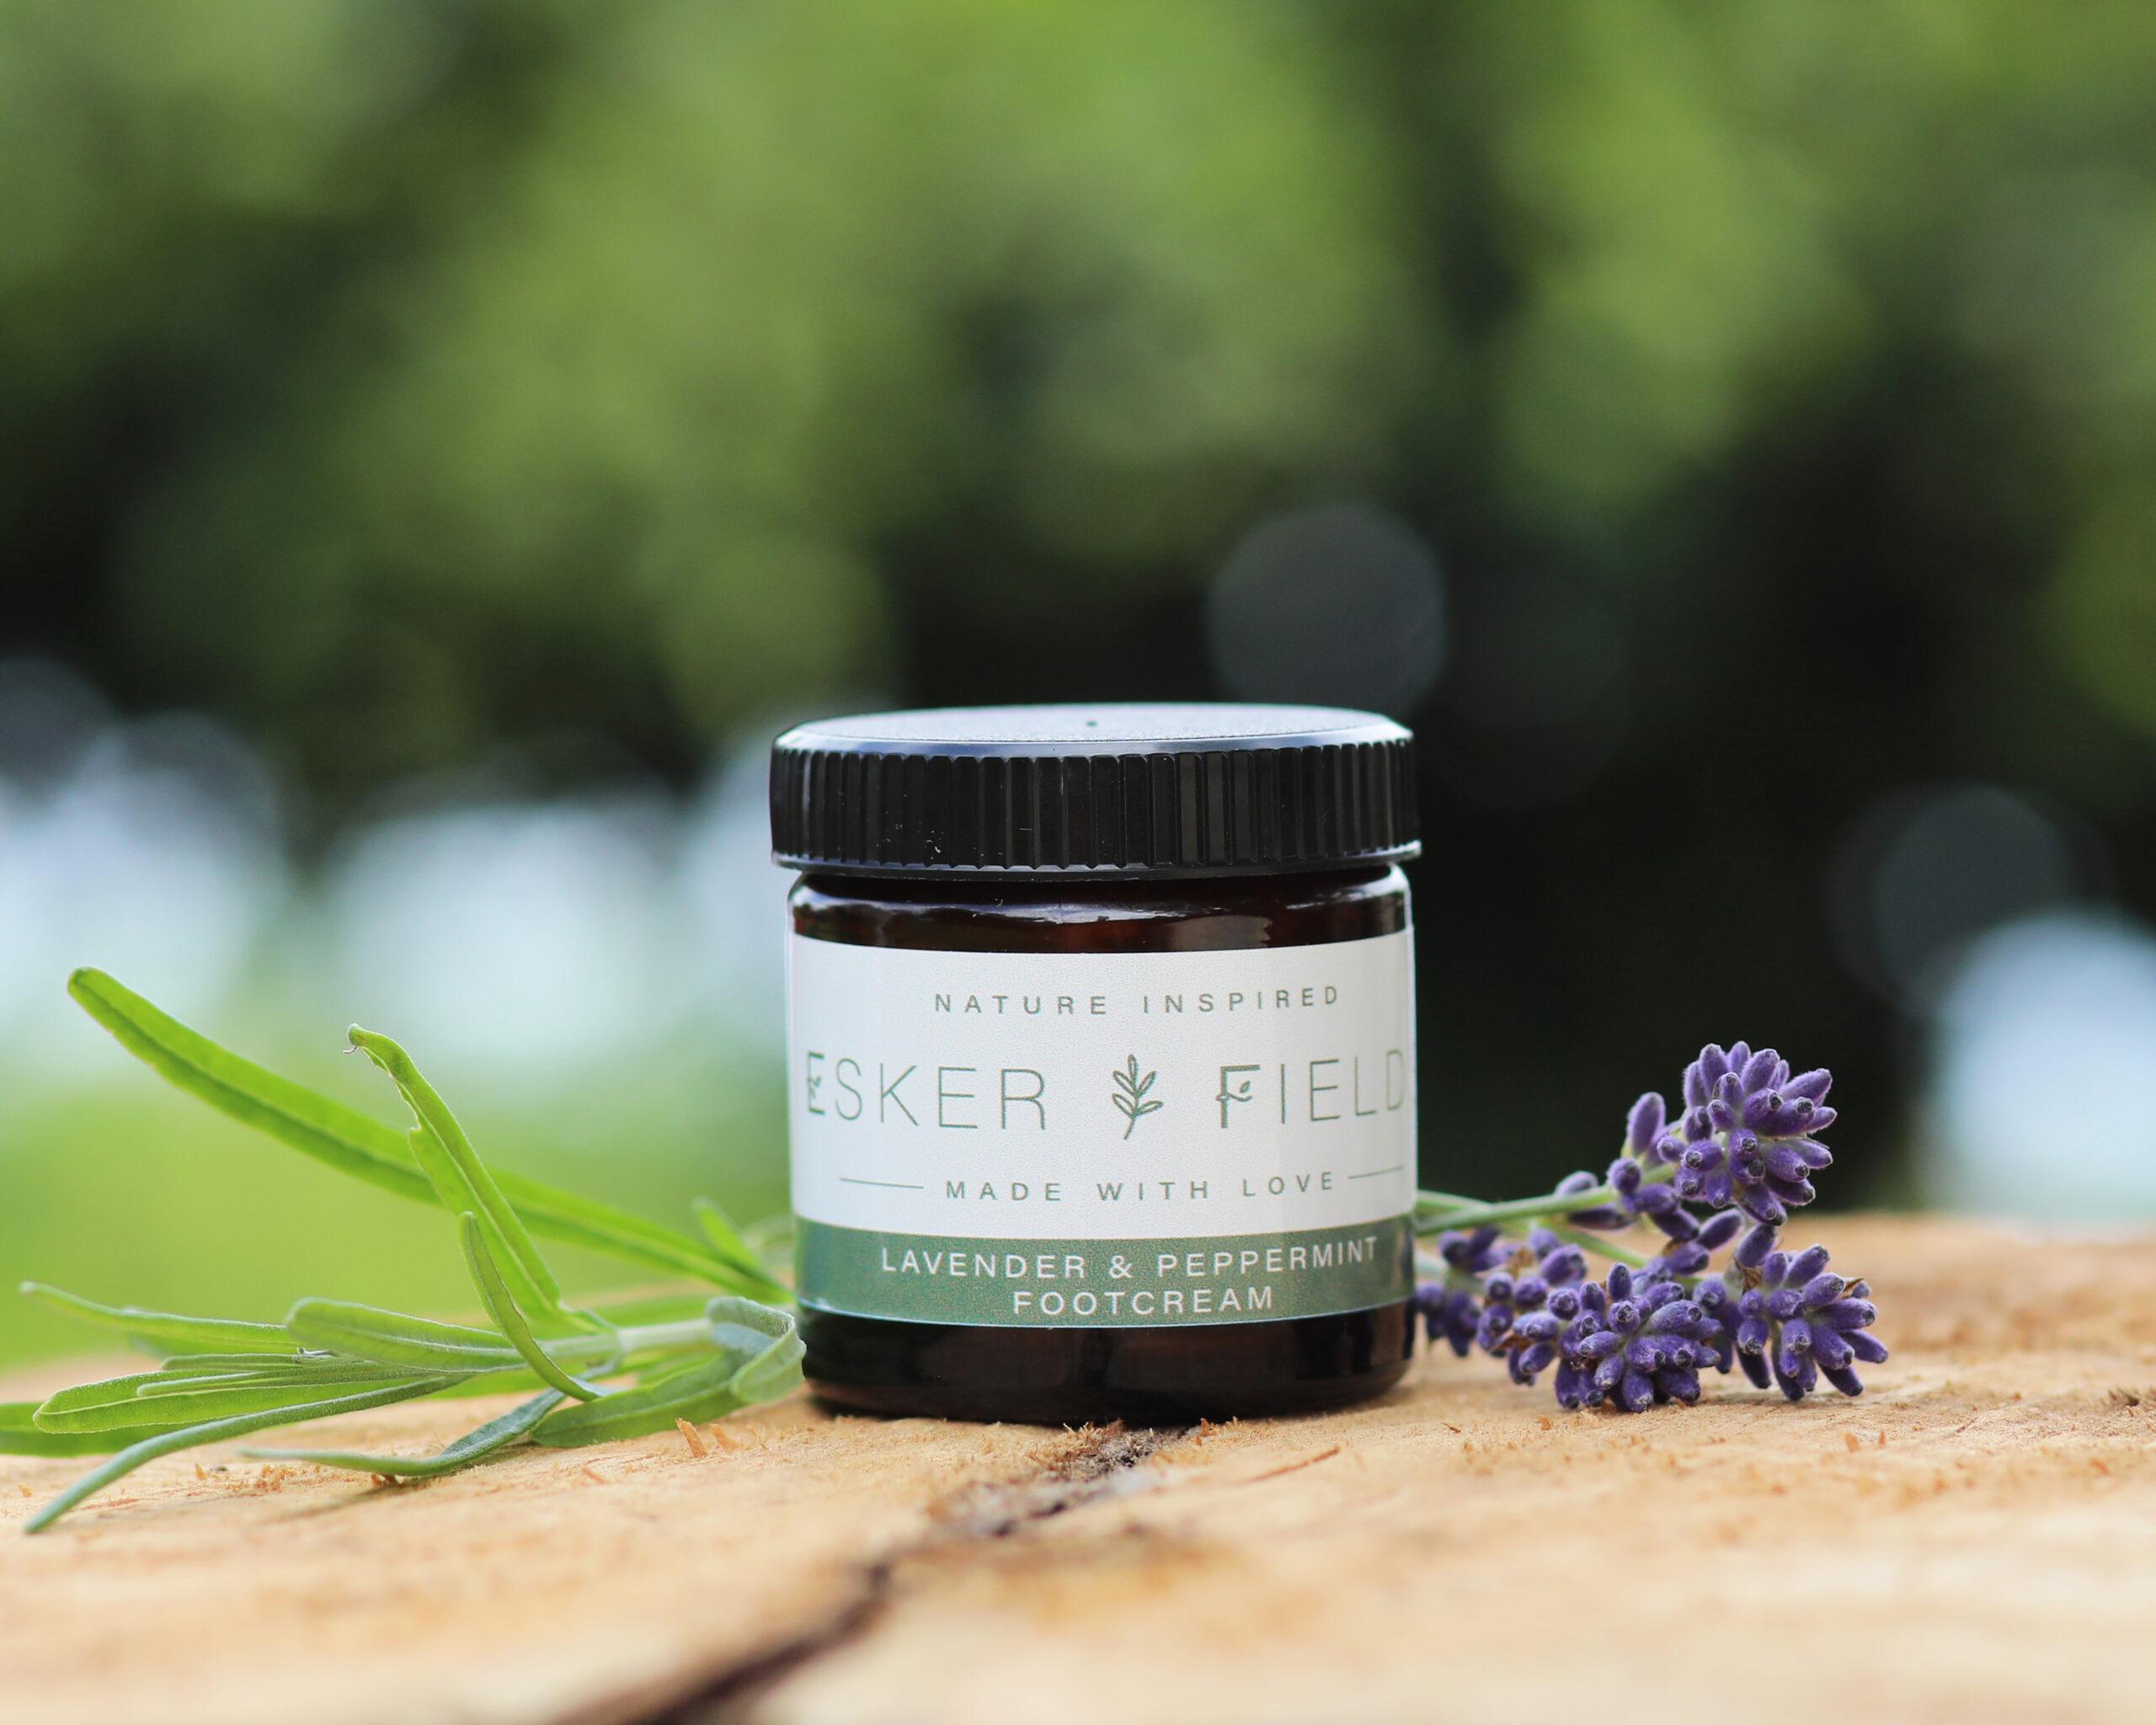 Esker Fields Lavender & Peppermint Footcream